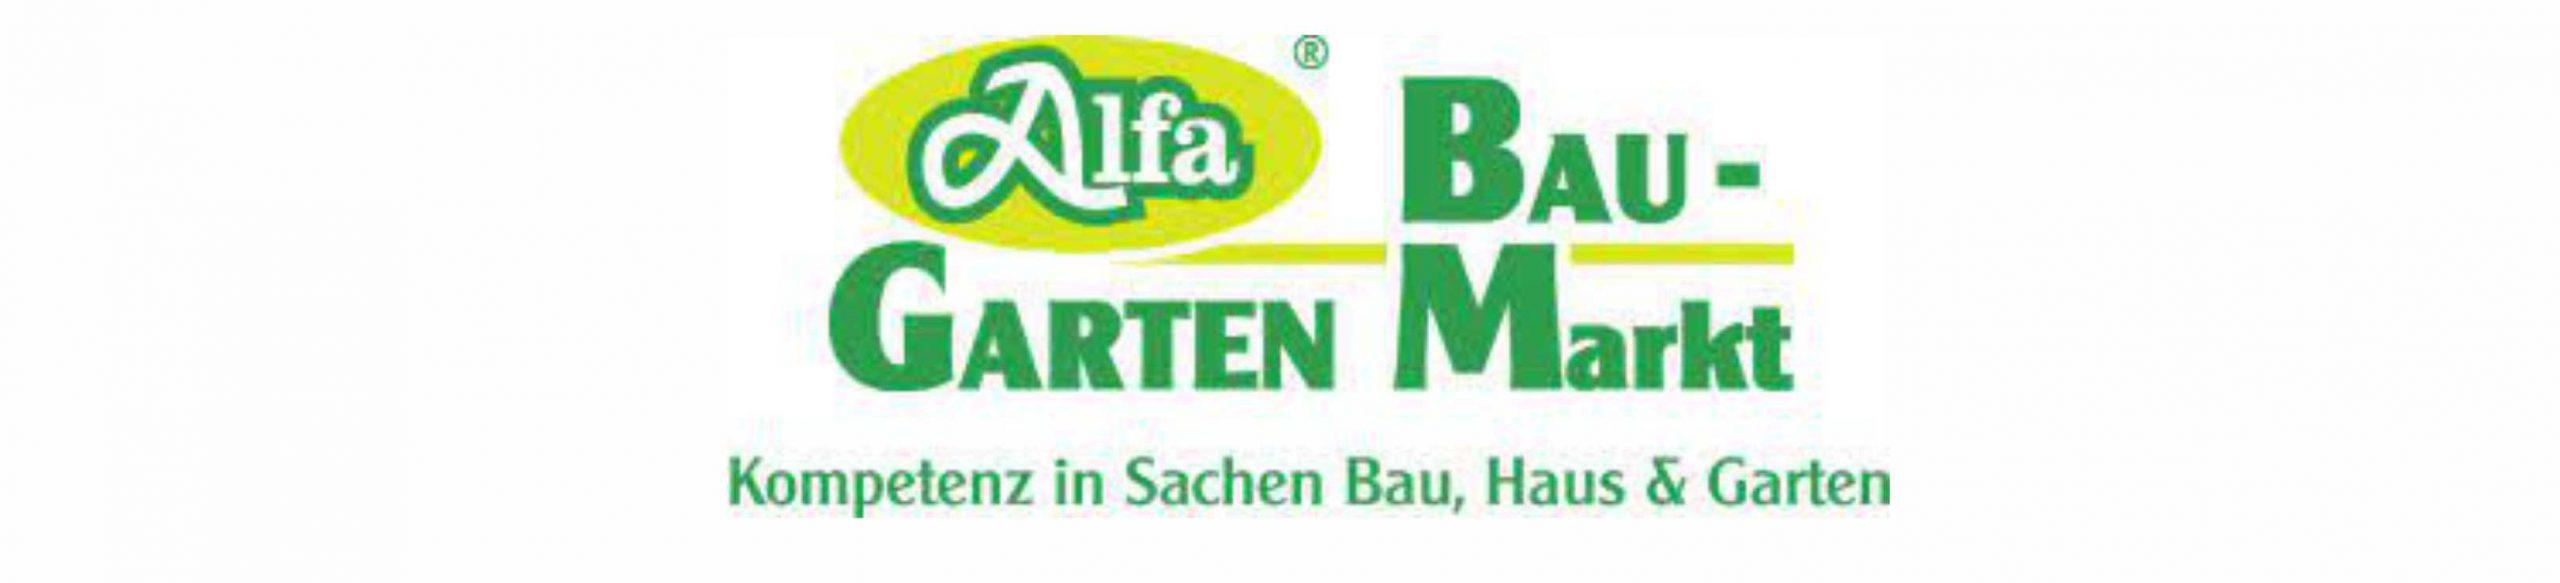 Alfa Bau- und Gartenmarkt - Neustadt (Dosse)